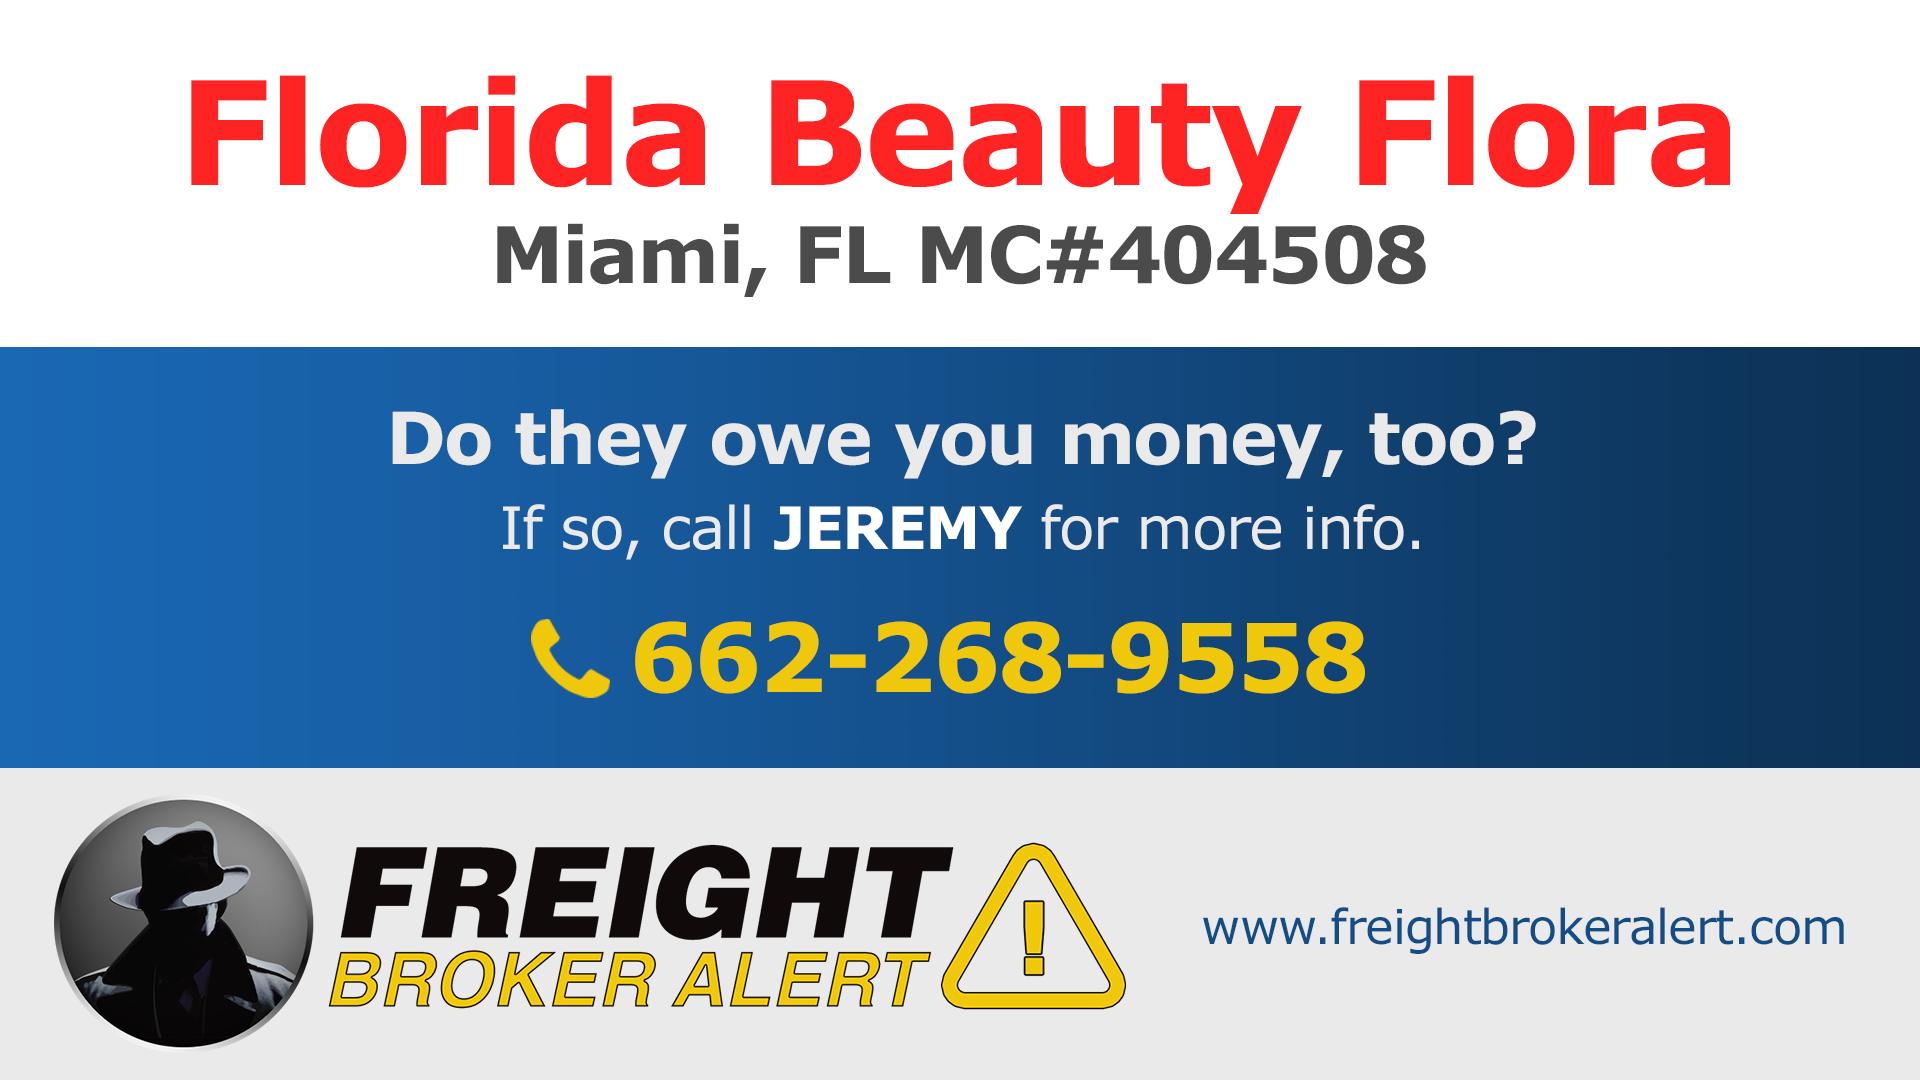 Florida Beauty Flora Inc Florida